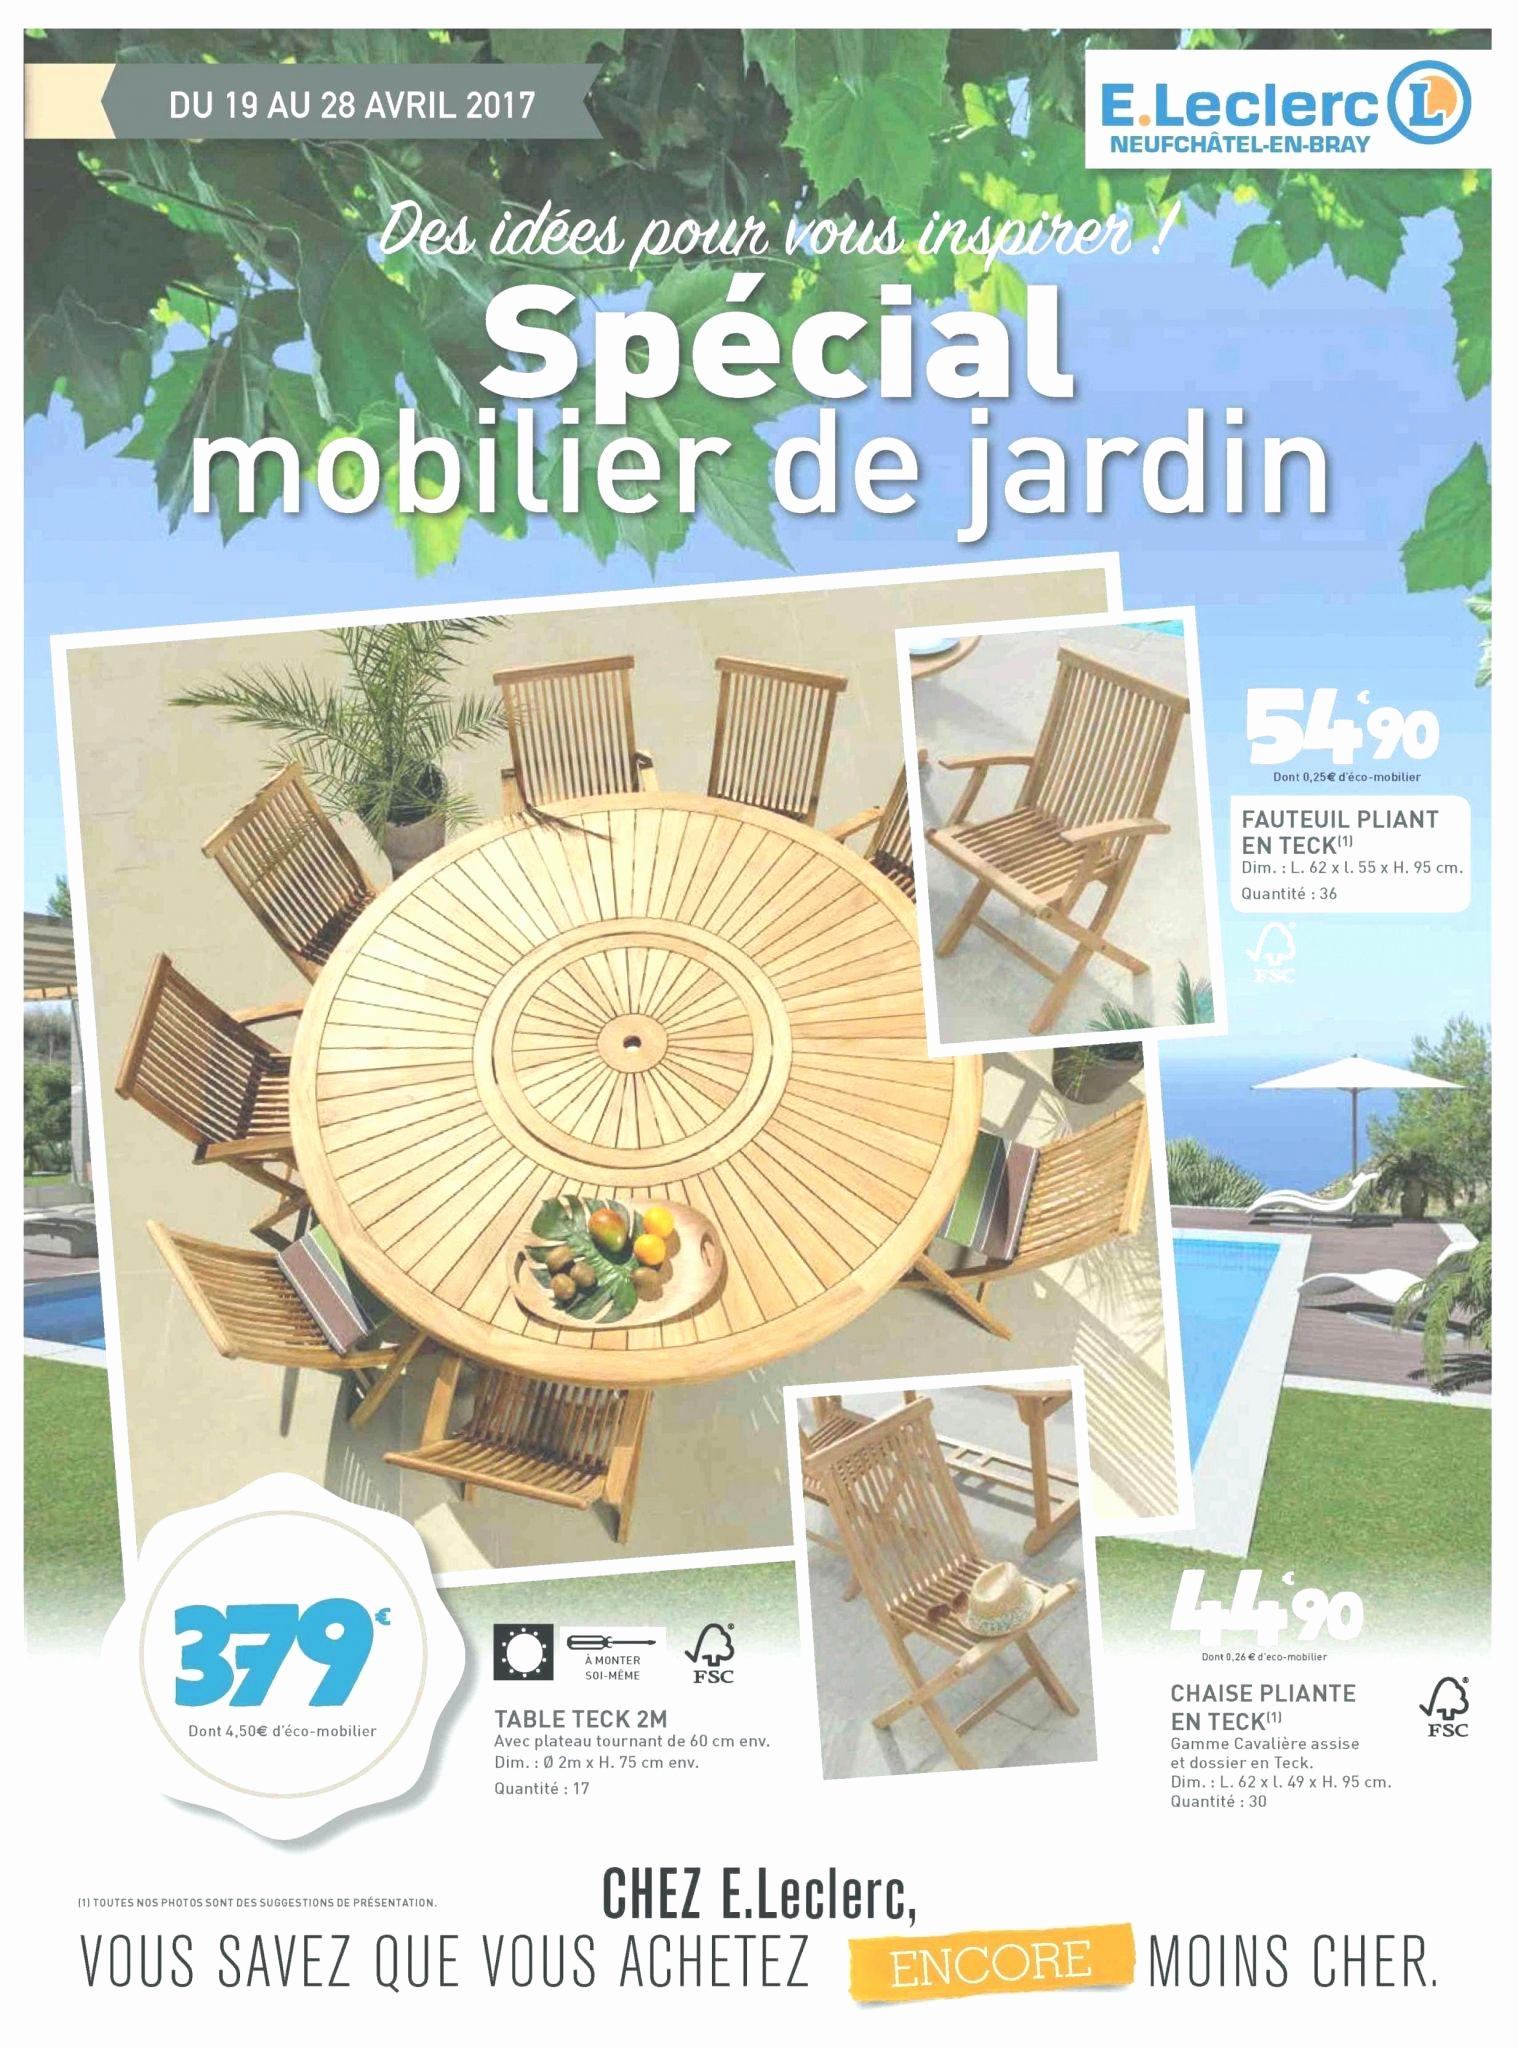 Salon De Jardin Leclerc Élégant Salon De Jardin Leclerc Catalogue 2017 Le Meilleur De Table Of 36 Unique Salon De Jardin Leclerc